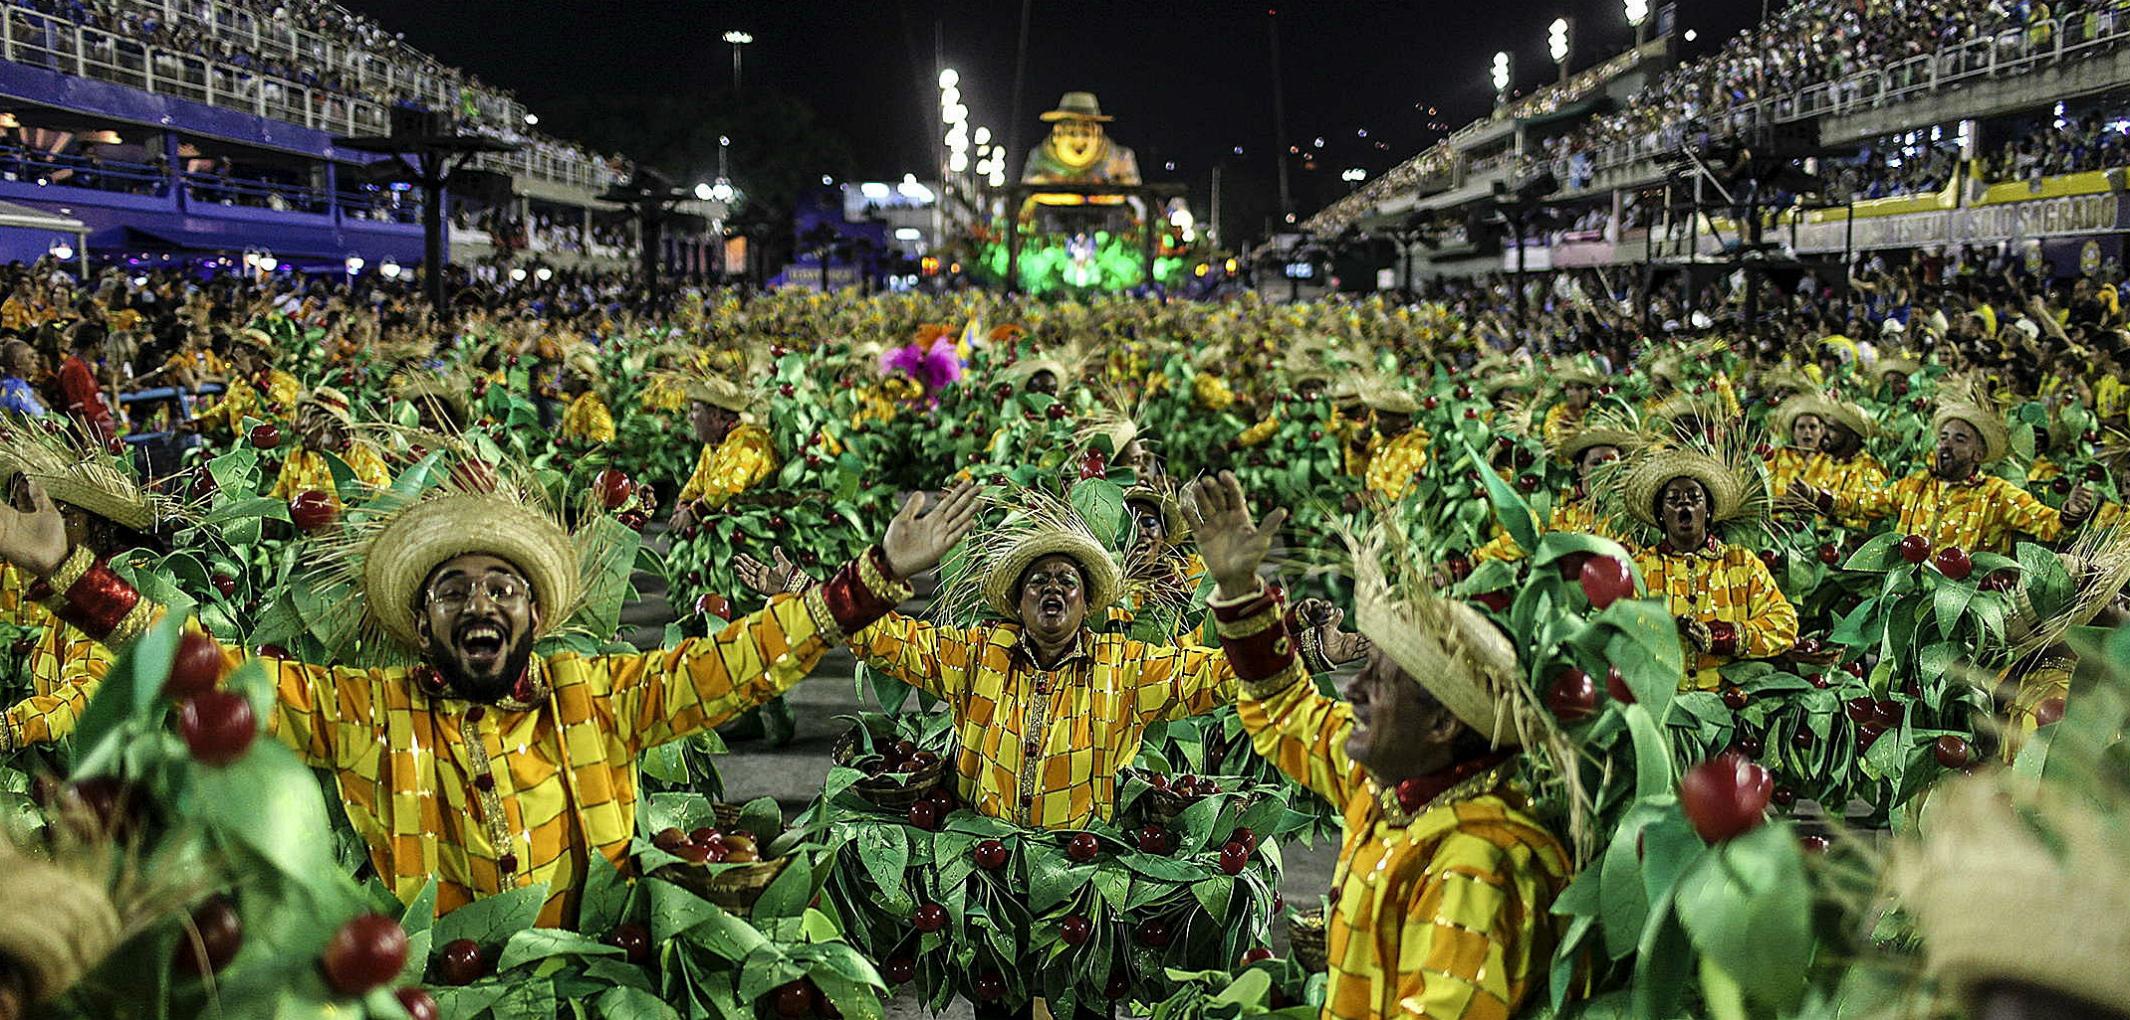 La Escuela de Samba Unidos da Tijuca, que rinde homenaje al mundo rural y a la vida de los trabajadores del campo, durante el primer día de los desfiles de las escuelas de samba del Grupo Especial, en la pasarela de samba celebrada  en febrero de 2016, en el sambódromo de Río de Janeiro. EFE / Antonio Lacerda